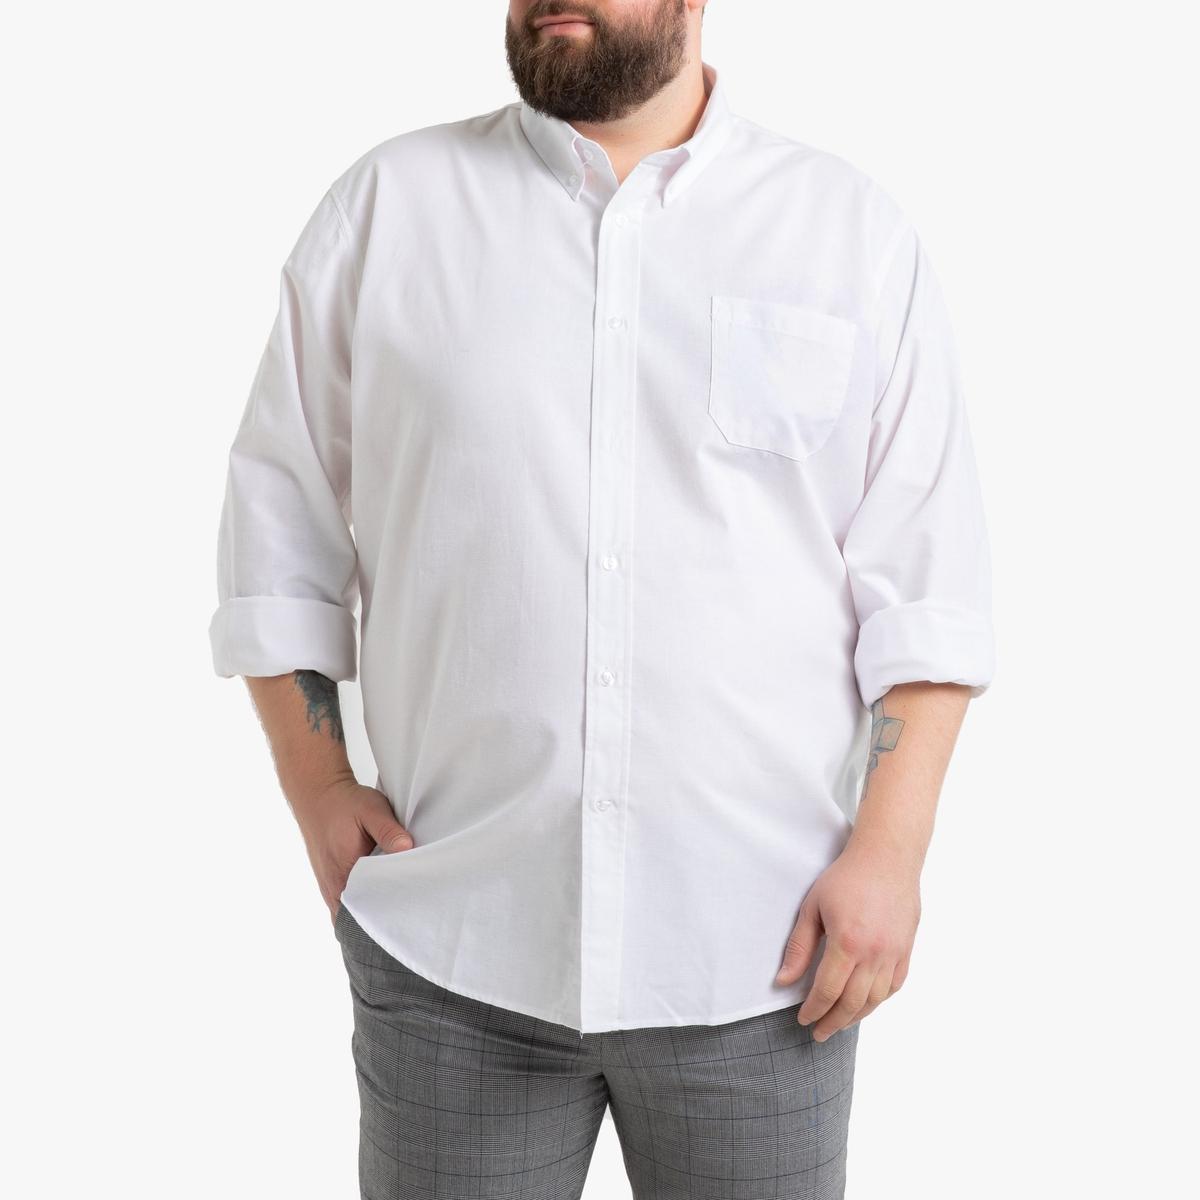 Camisa direita de mangas compridas, altura 3